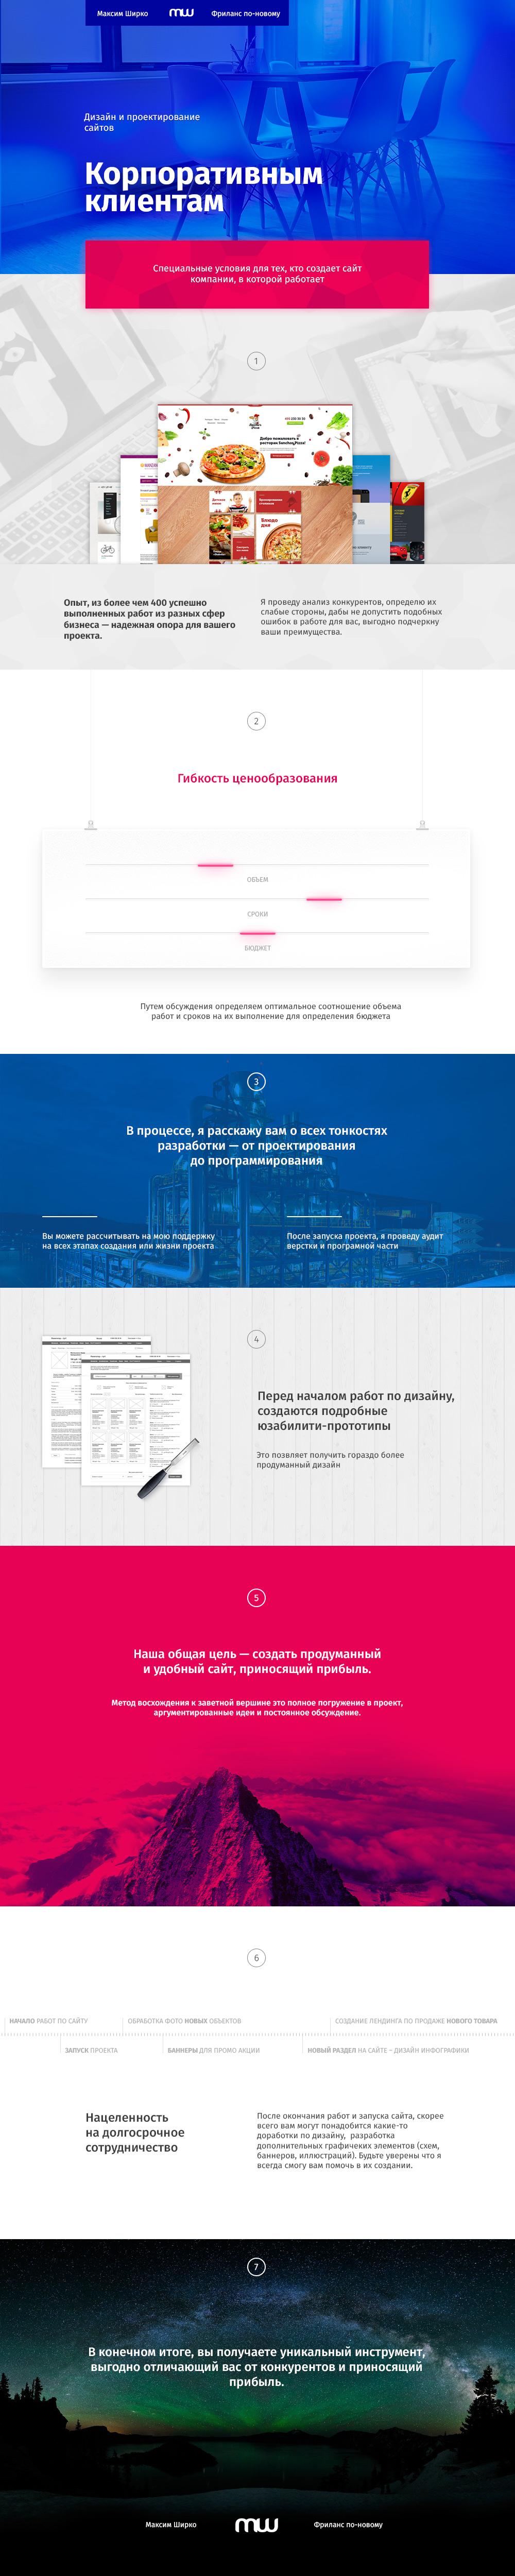 Дизайн и проектирование сайтов